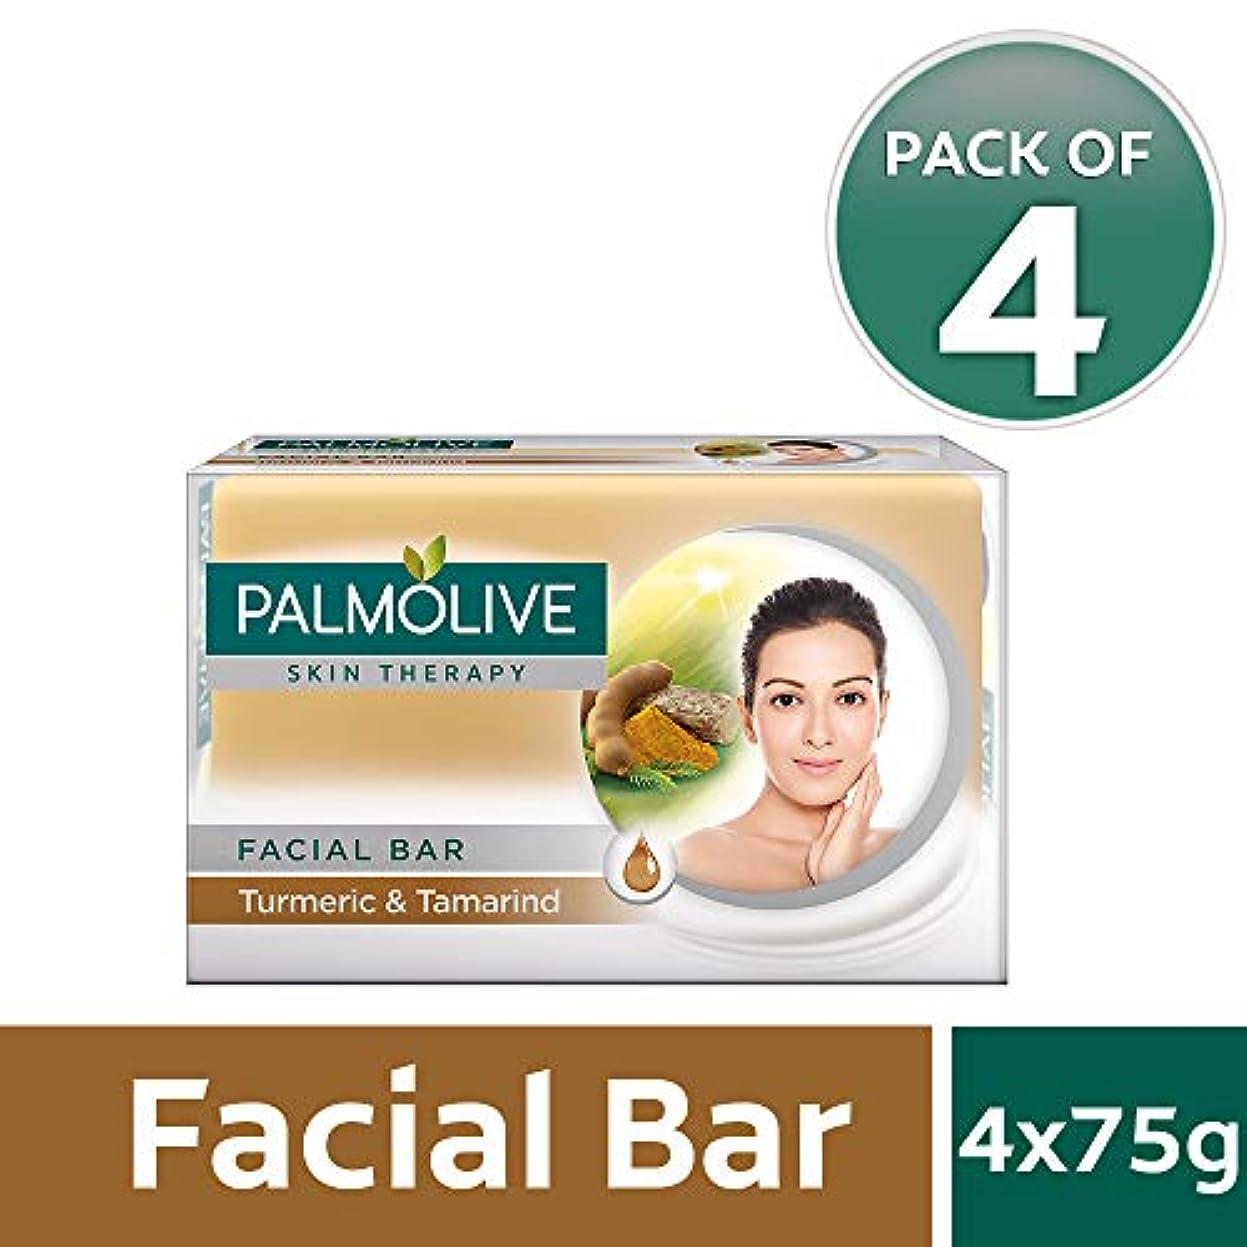 見込み枯渇する漁師Palmolive Skin Therapy Facial Bar Soap with Turmeric and Tamarind - 75g (Pack of 4)